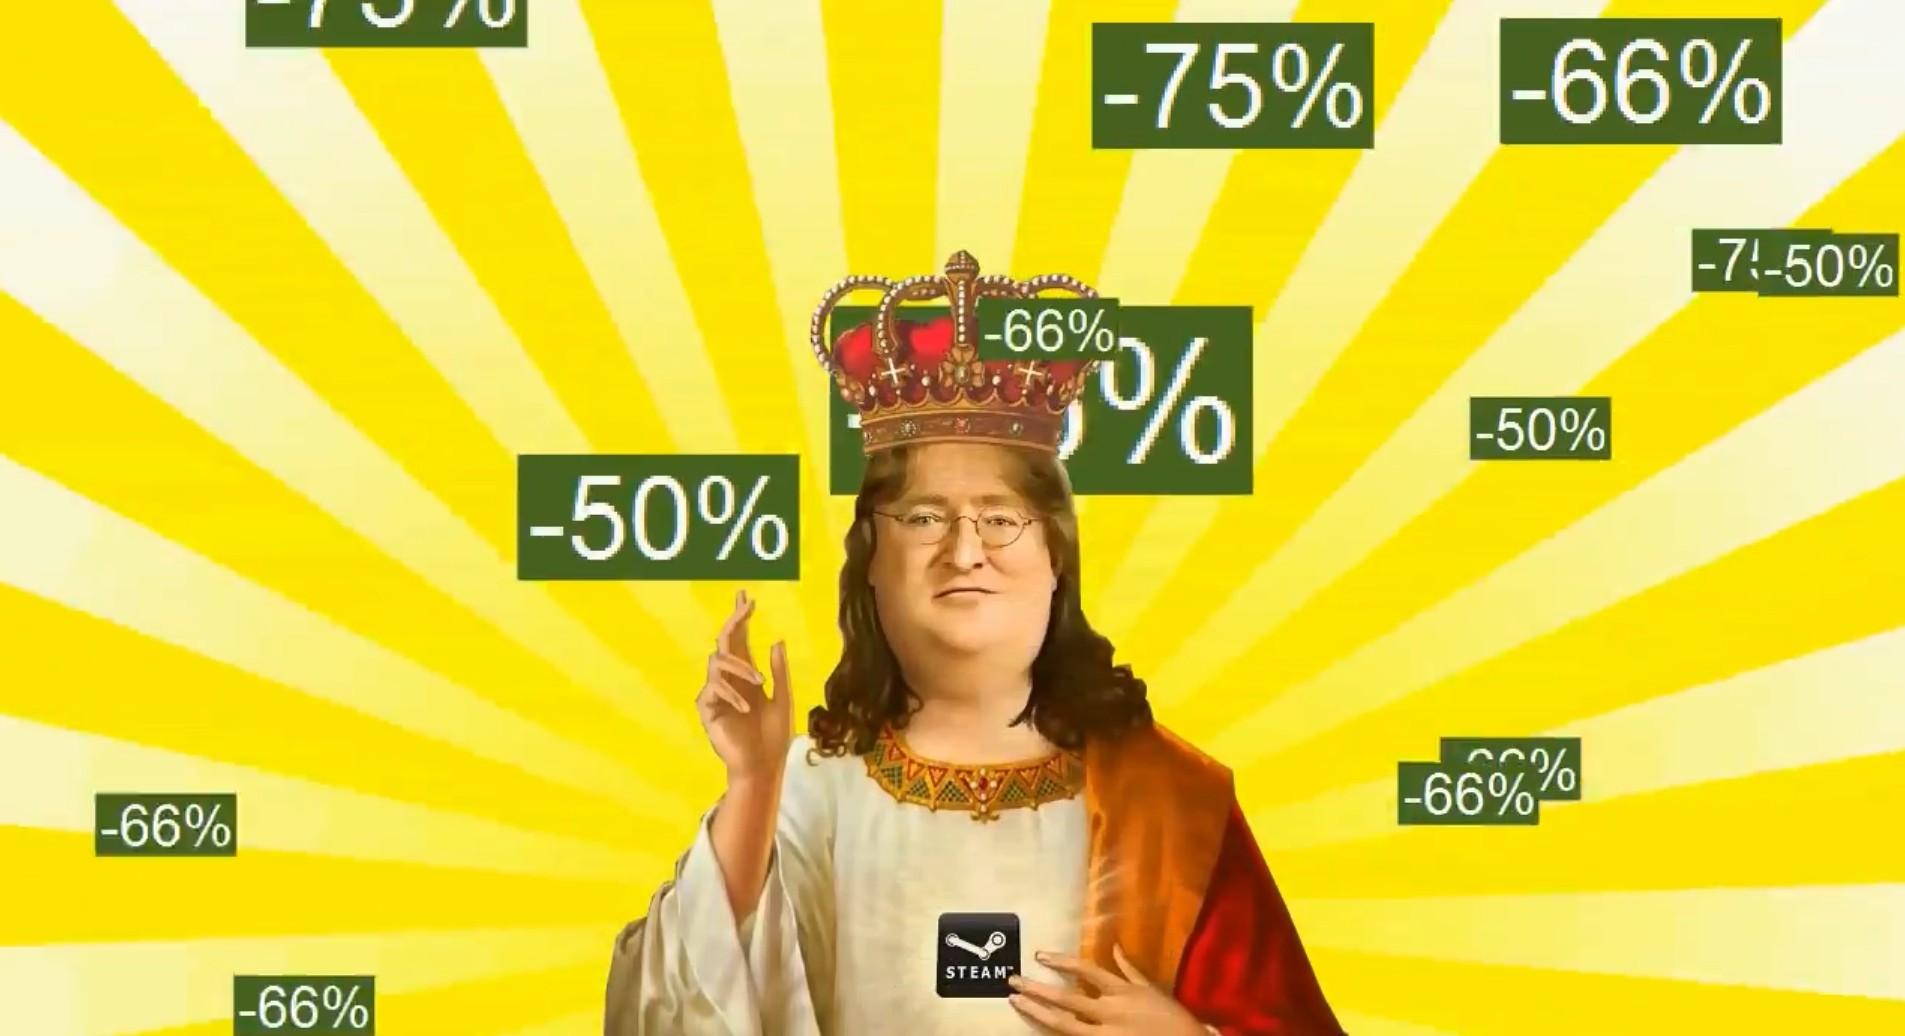 Всеть слили даты крупнейших распродаж вSteam